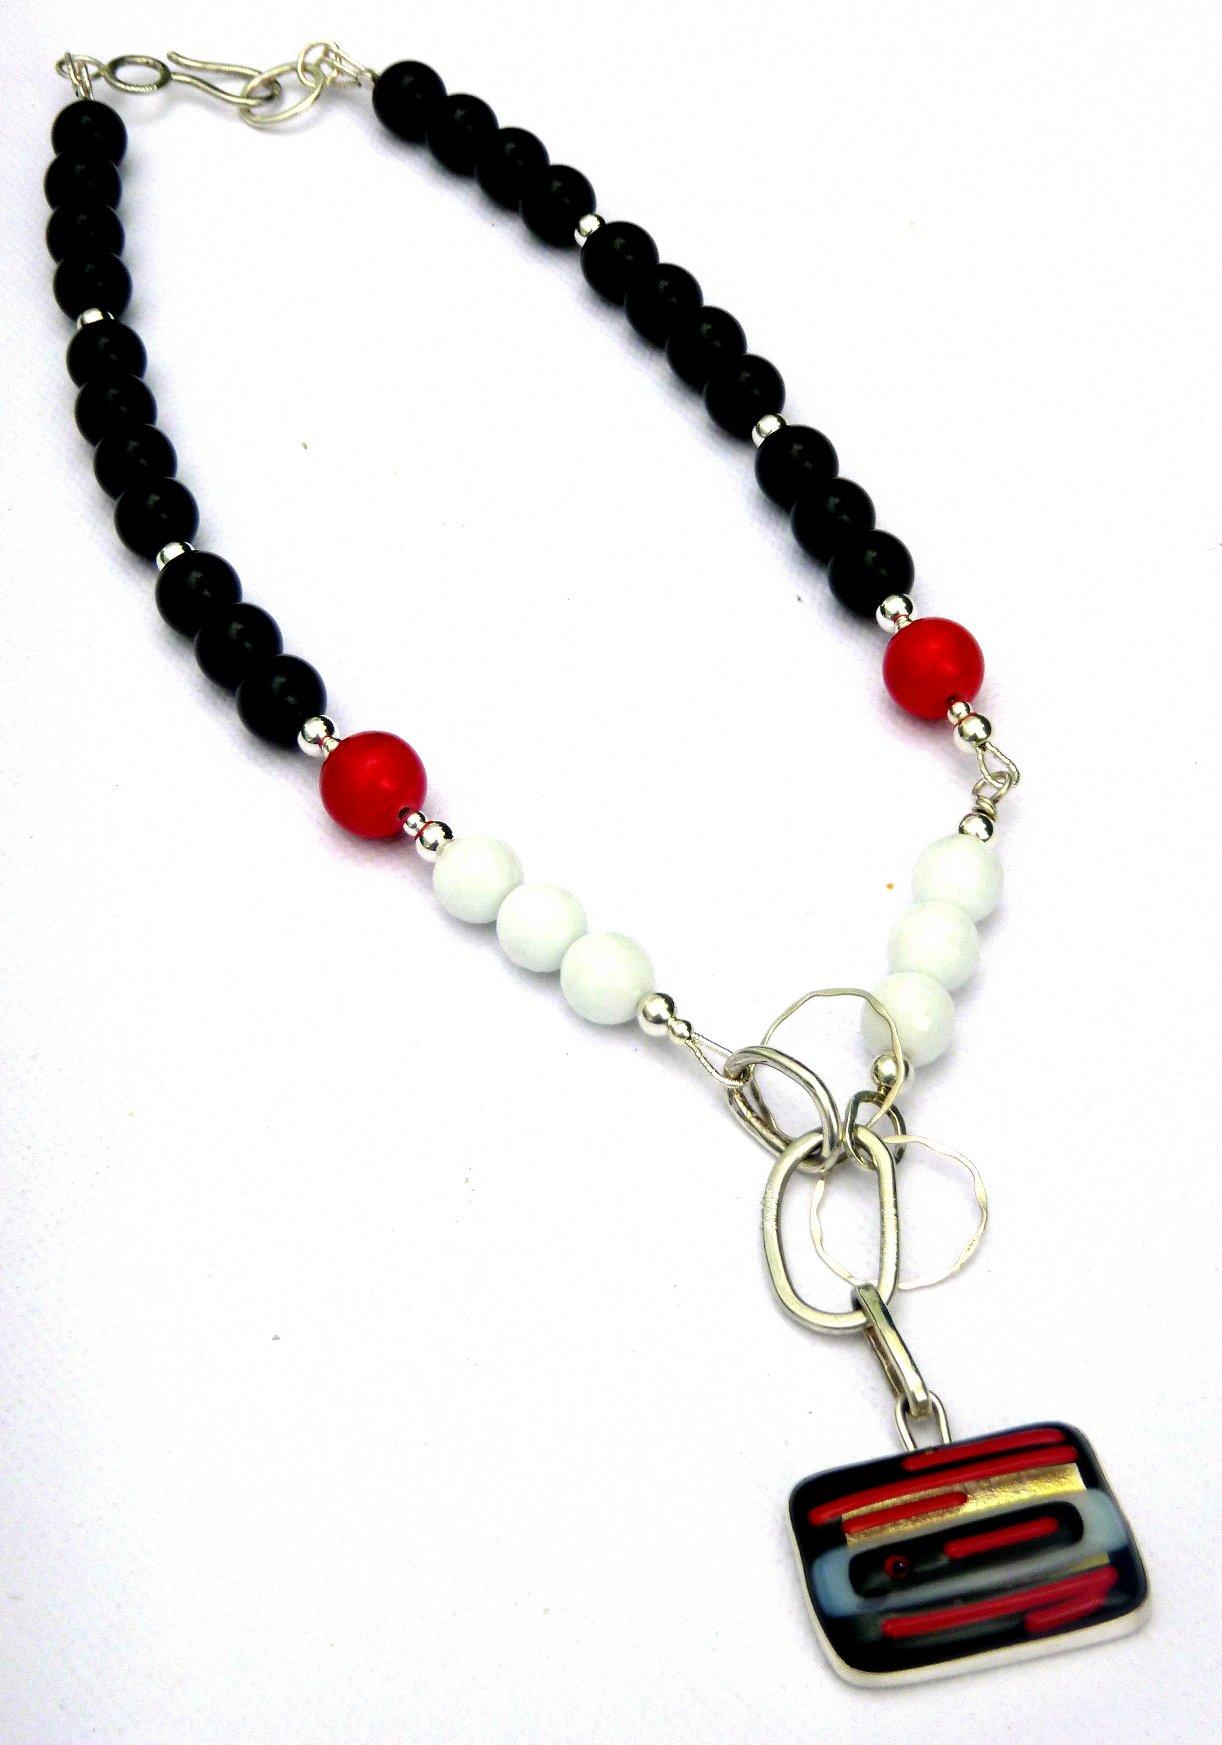 Reach Your Destination 05 - necklace